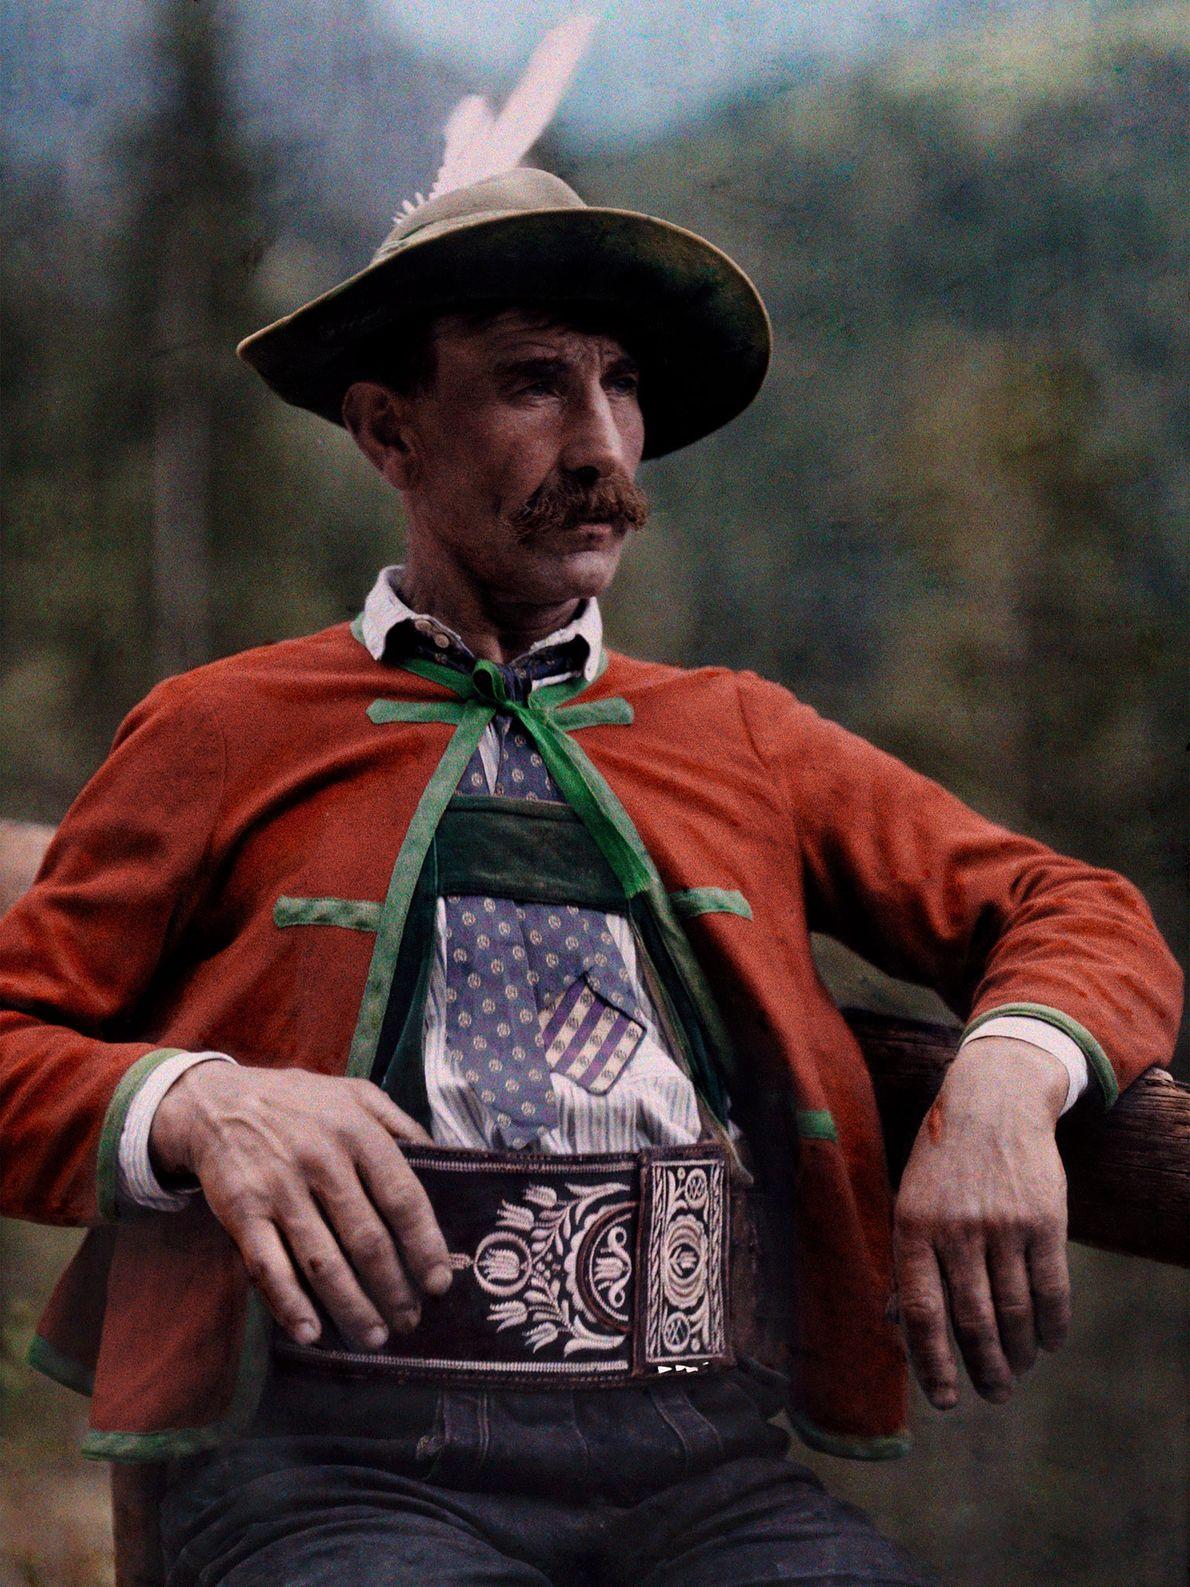 Ein Österreicher mit einem Alpenhut, der mit Federn verziert ist.